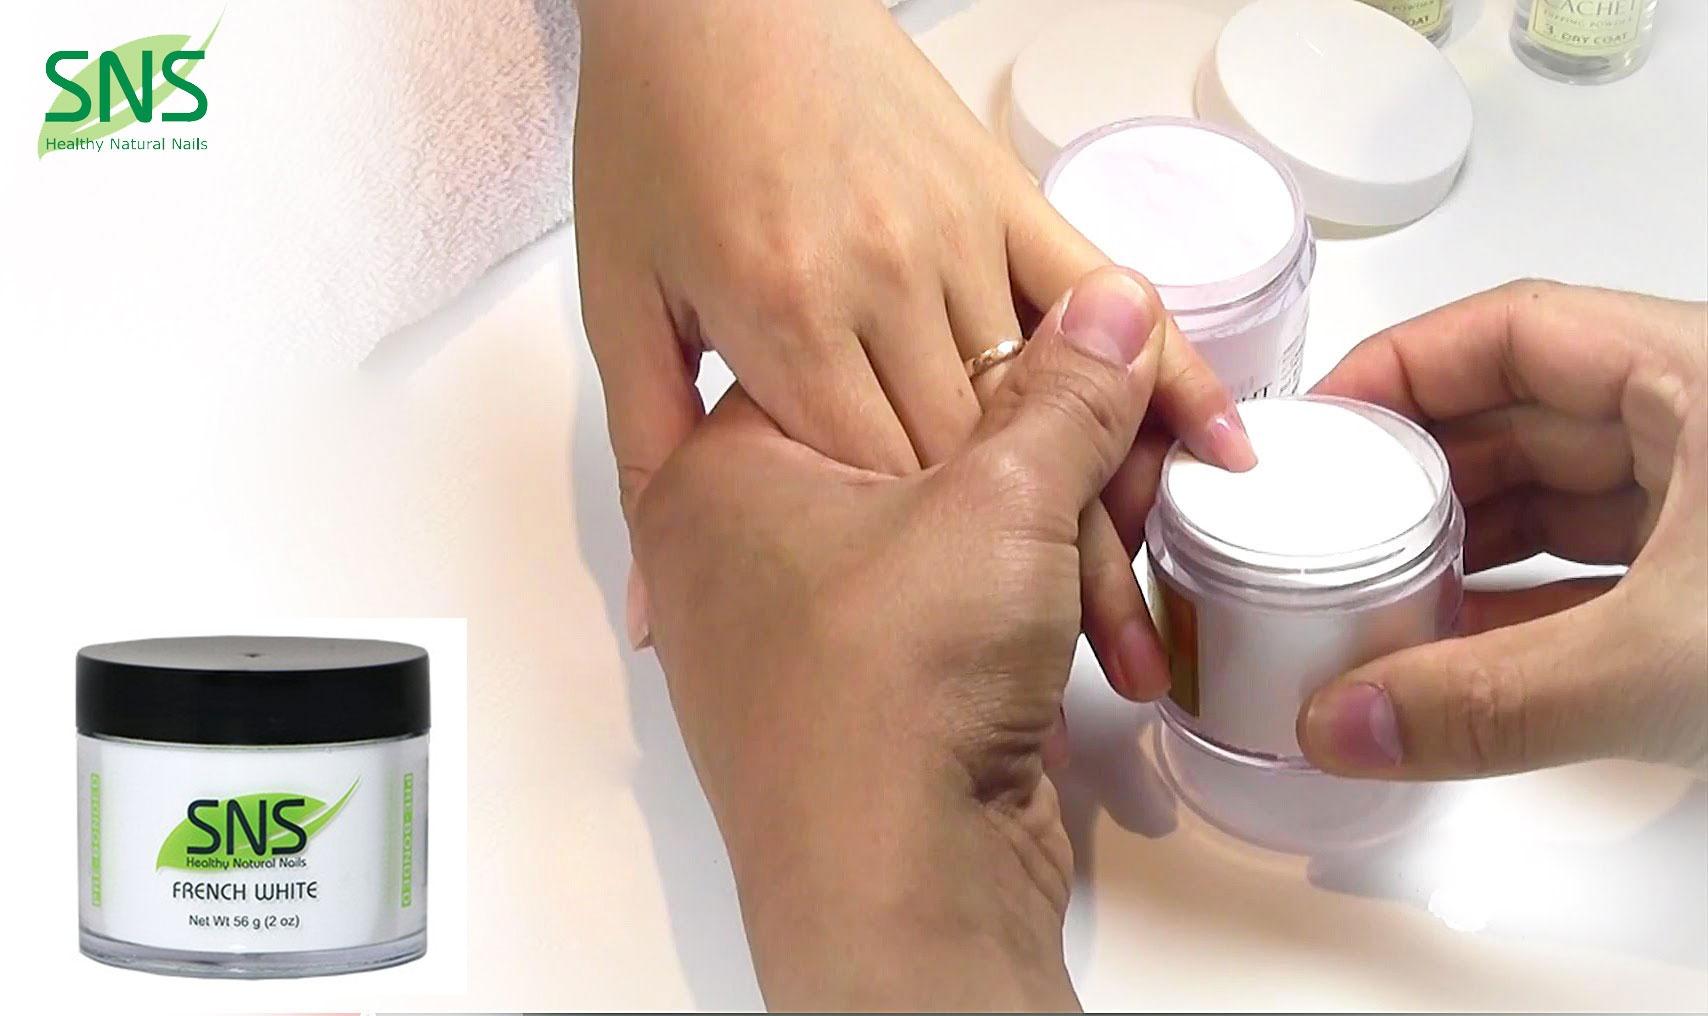 Healthy Natural Nails